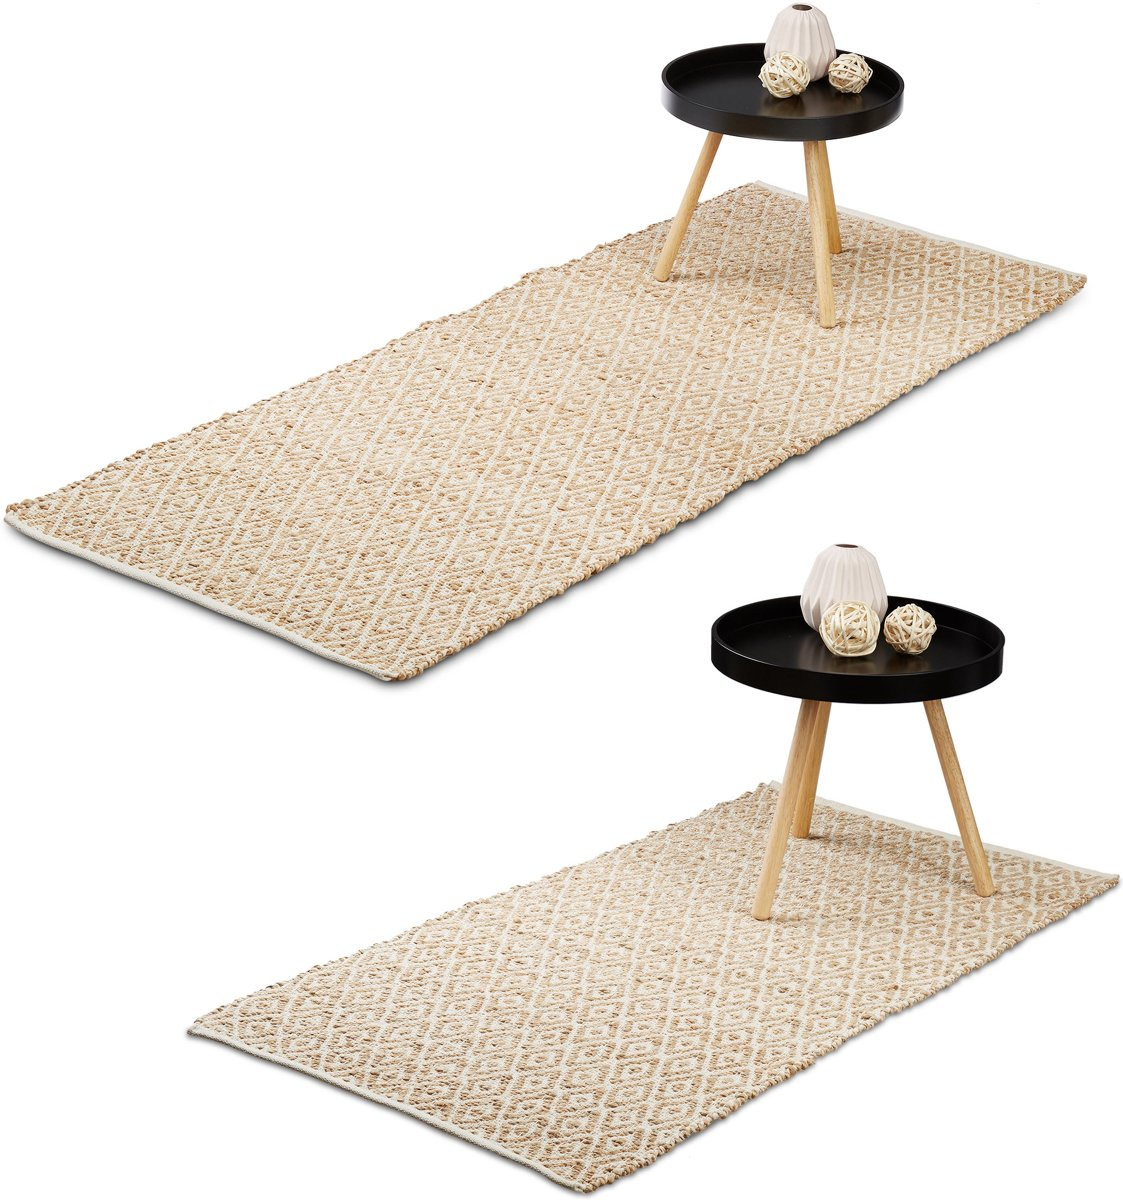 relaxdays - jute vloerkleed - loper - tapijt - handgemaakt - bruin - vloermat